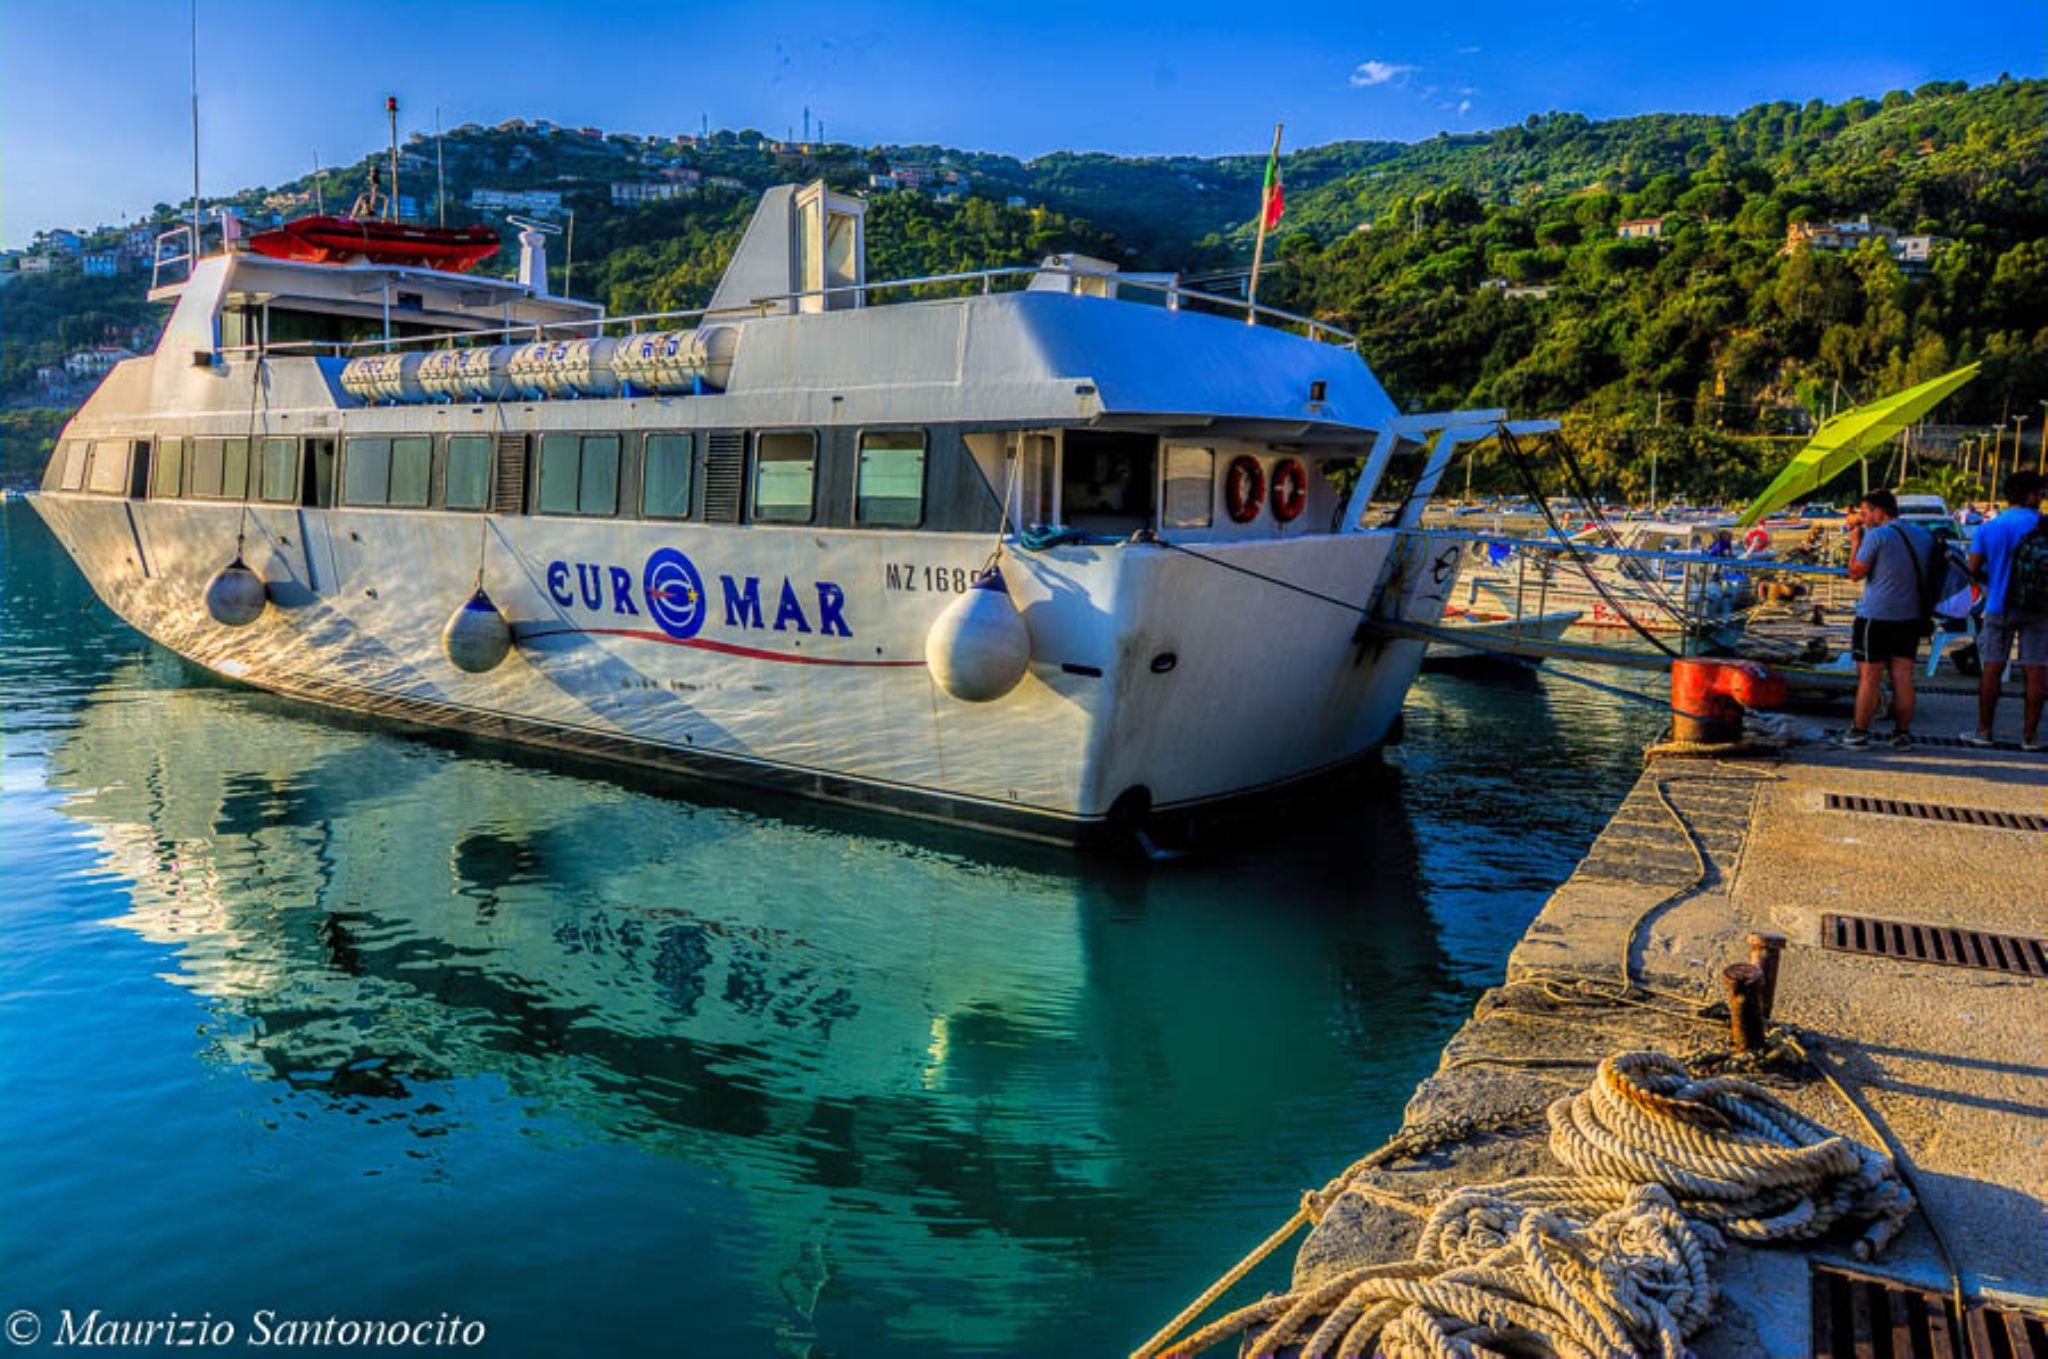 Traghetto Isole Eolie by maurizio.santonocito